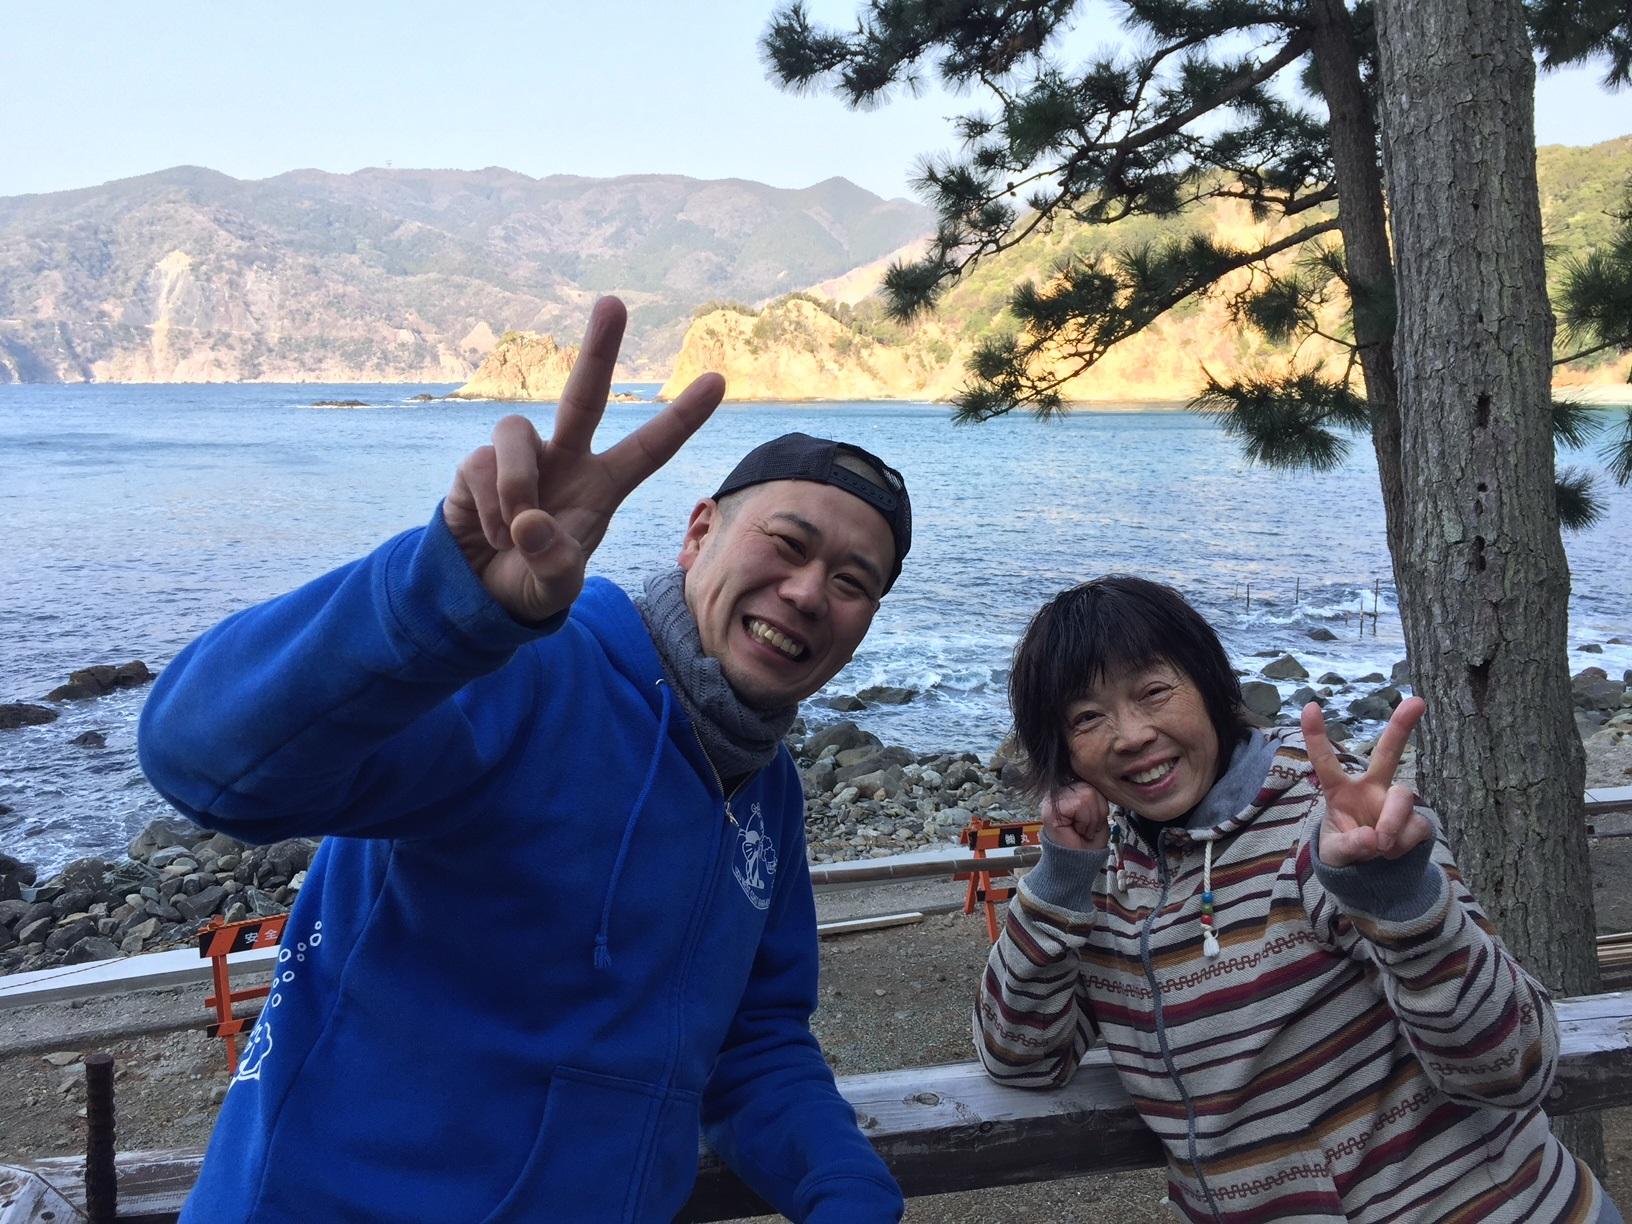 静岡県西伊豆町黄金崎公園ビーチにお越し頂いたゲスト様の画像です。ここはダイビングはもちろんシュノーケリングや体験ダイビングも楽しめる絶景ポイントです。